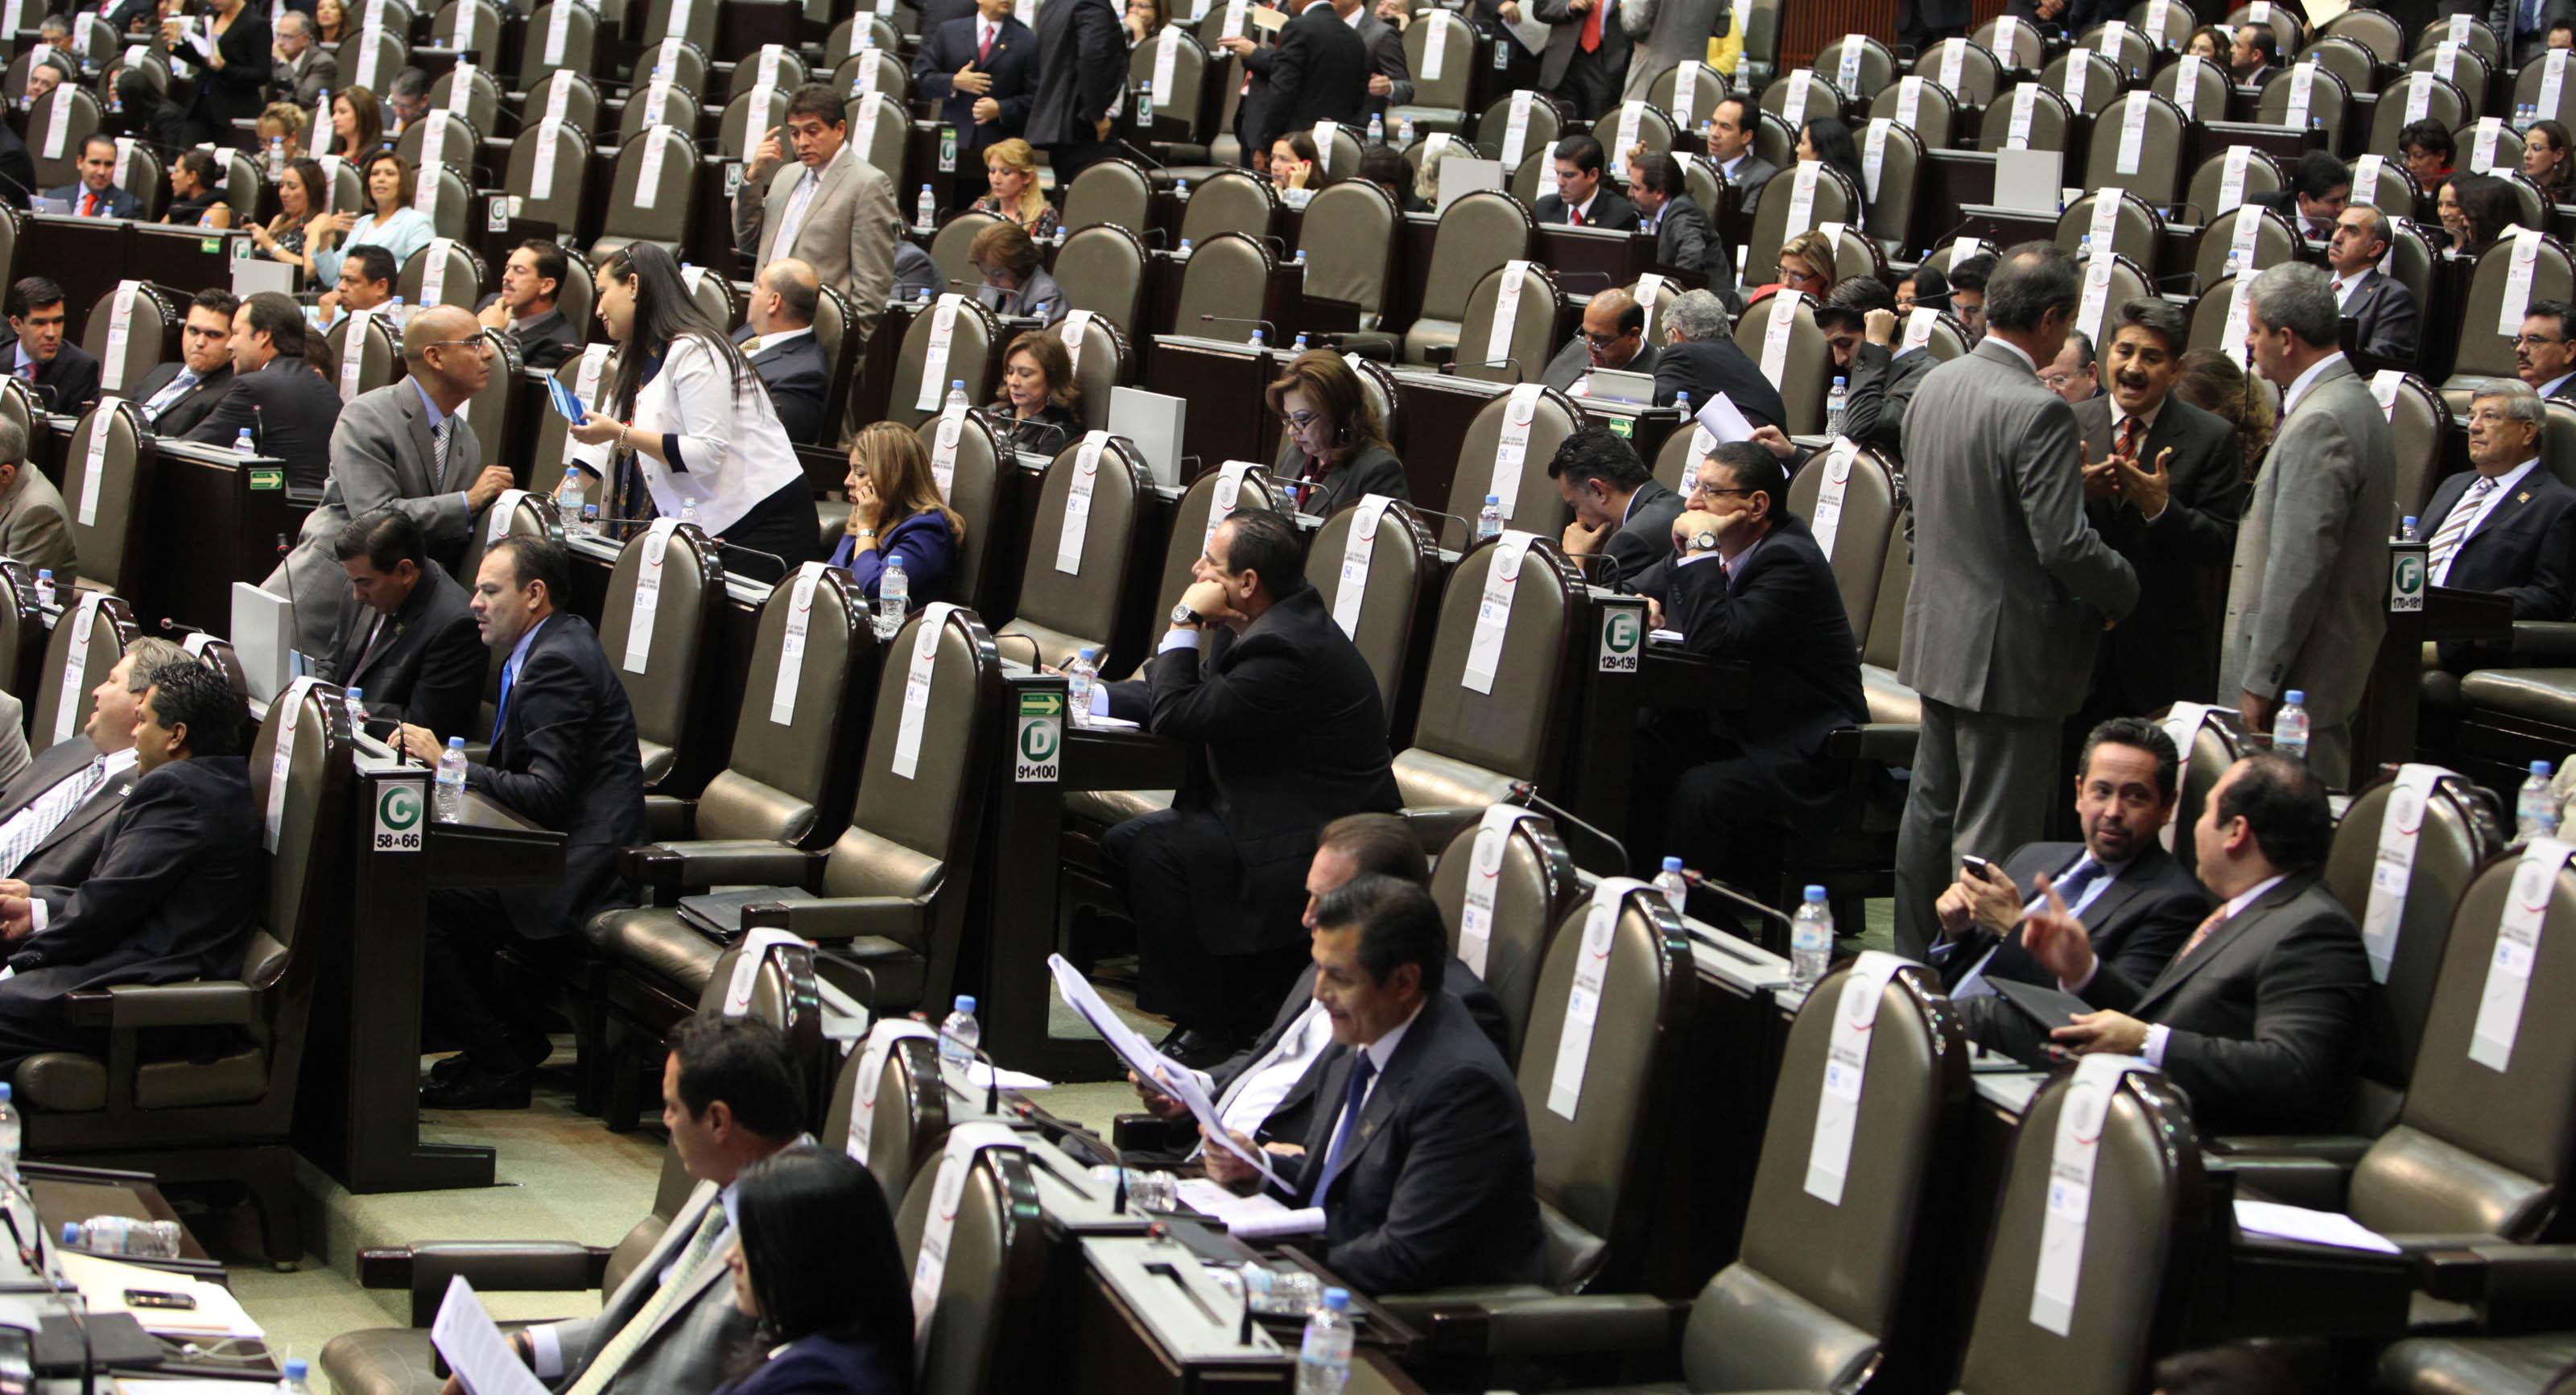 De acuerdo con México Evalúa los presupuestos aprobados por la Cámara de Diputados